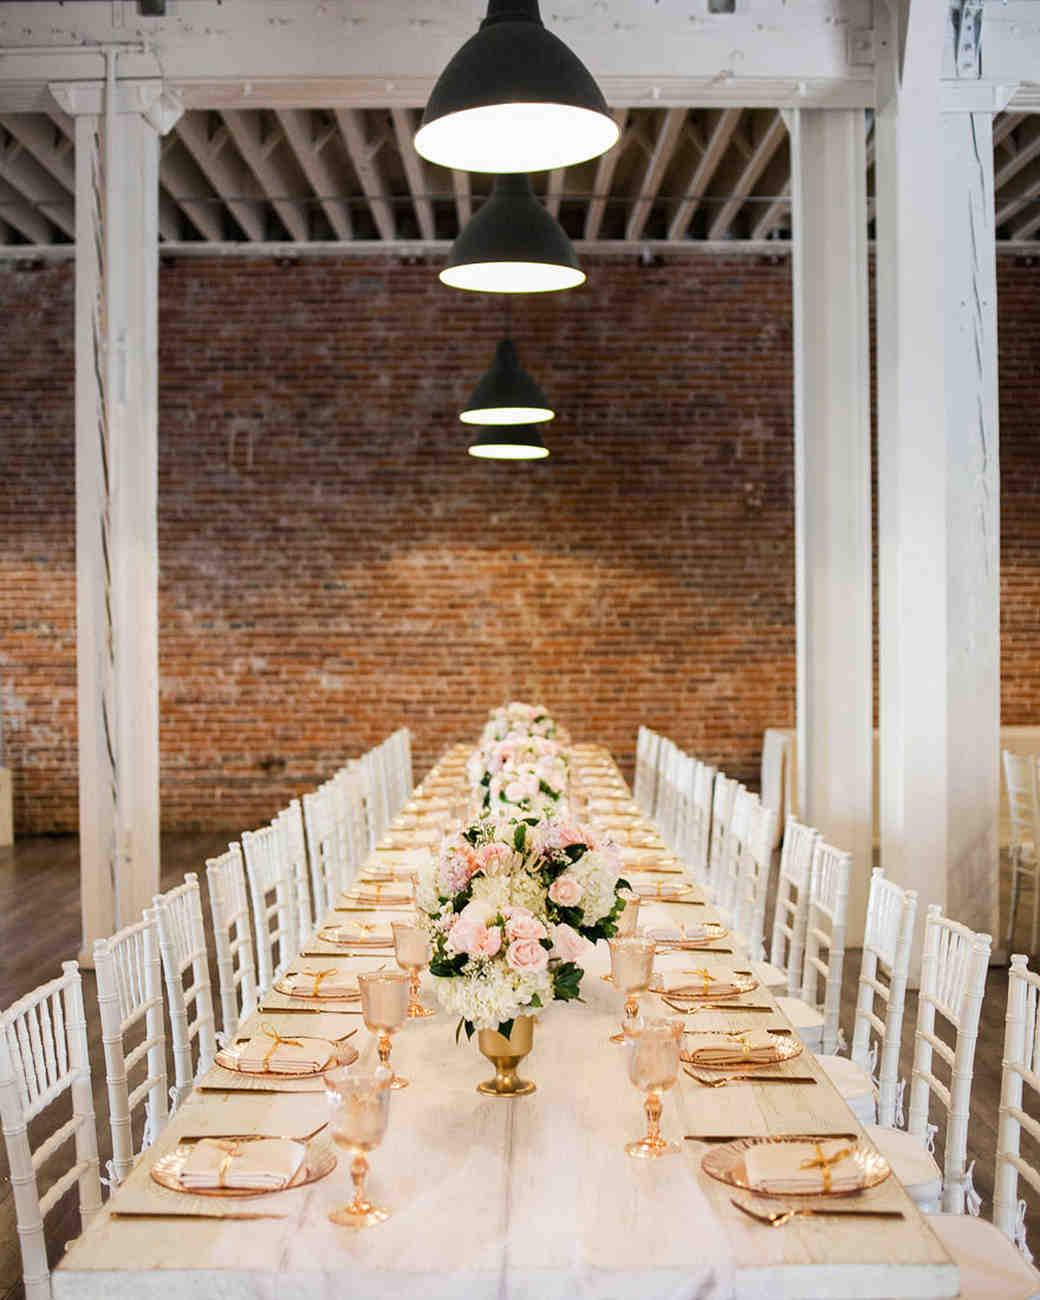 14 Trendy And Fun Wedding Brunch Ideas